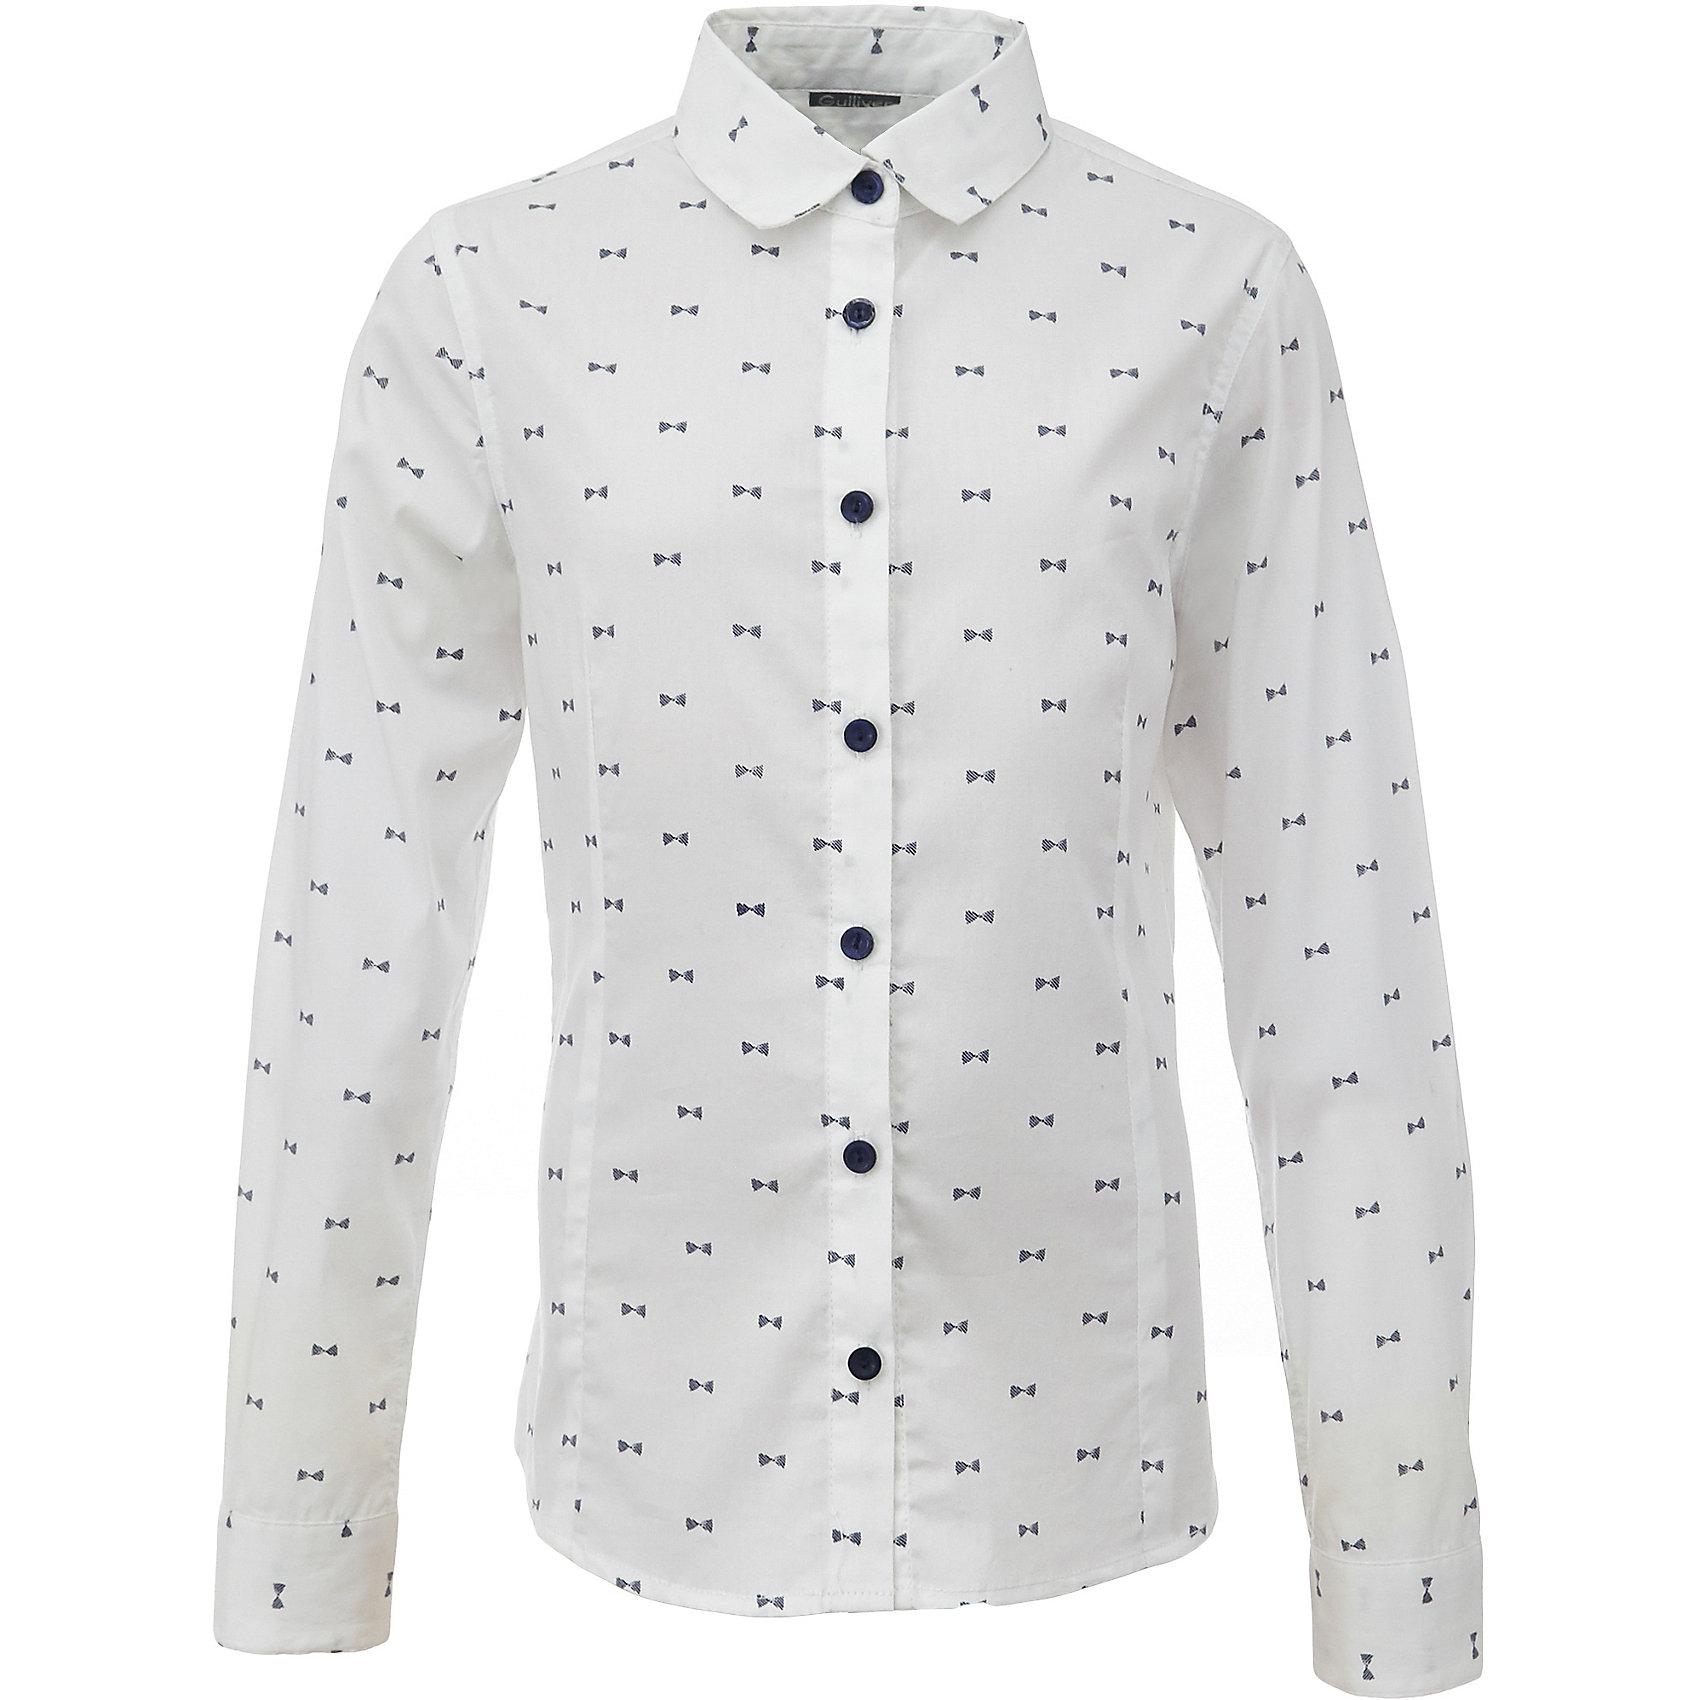 Блузка для девочки GulliverБлузки и рубашки<br>Характеристики товара:<br><br>• цвет: белый<br>• состав: 75% хлопок, 23% полиэстер, 2% эластан <br>• сезон: демисезон<br>• с длинным рукавом<br>• застежка: пуговицы<br>• манжеты на пуговице<br>• особенности: школьная, с рисунком<br>• страна бренда: Российская Федерация<br>• страна производства: Российская Федерация<br><br>Школьная блузка с длинным рукавом для девочки. Блузка застегивается на пуговицы контрастного синего цвета, манжеты рукавов на одной пуговице. Блузка с мелким рисунком.<br><br>Блузку для девочки Gulliver (Гулливер) можно купить в нашем интернет-магазине.<br><br>Ширина мм: 186<br>Глубина мм: 87<br>Высота мм: 198<br>Вес г: 197<br>Цвет: белый<br>Возраст от месяцев: 72<br>Возраст до месяцев: 84<br>Пол: Женский<br>Возраст: Детский<br>Размер: 122,170,128,134,140,146,152,158,164<br>SKU: 6678748